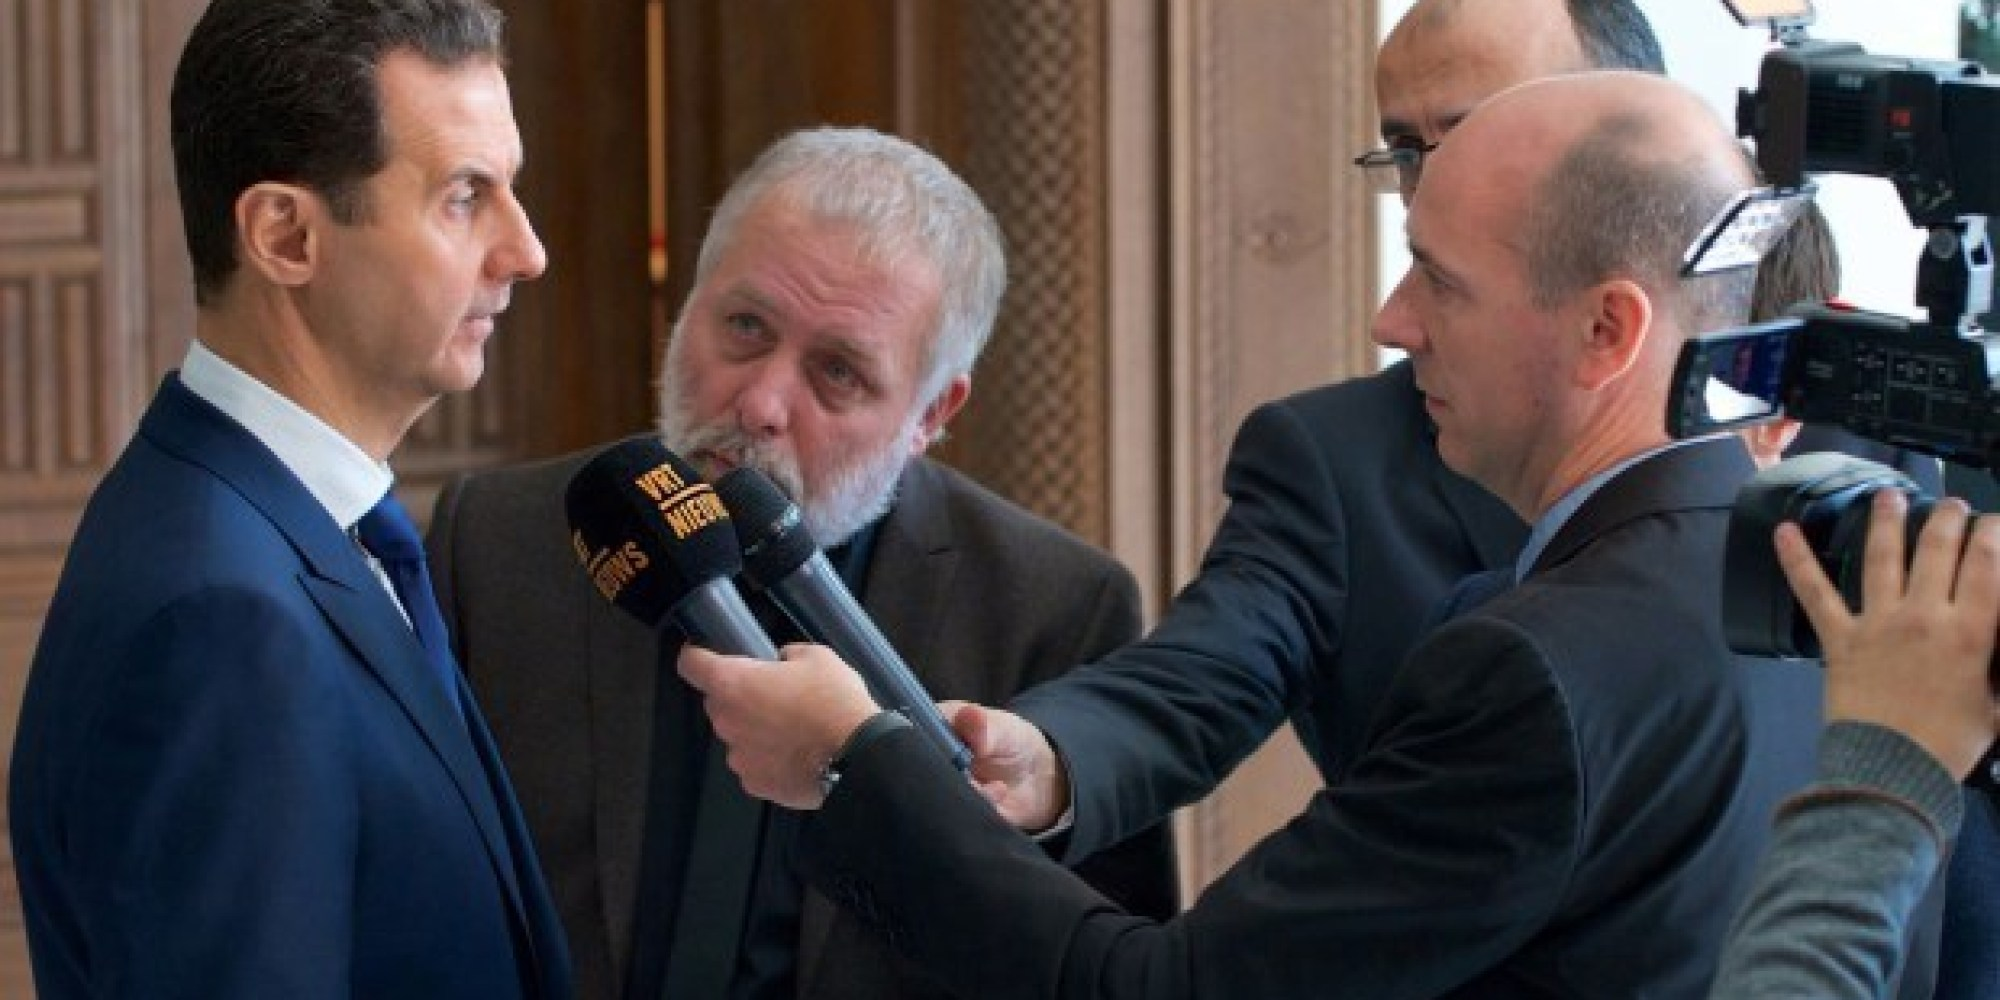 سفاح سوريا يقتل الشائعات! عادل الحلبي